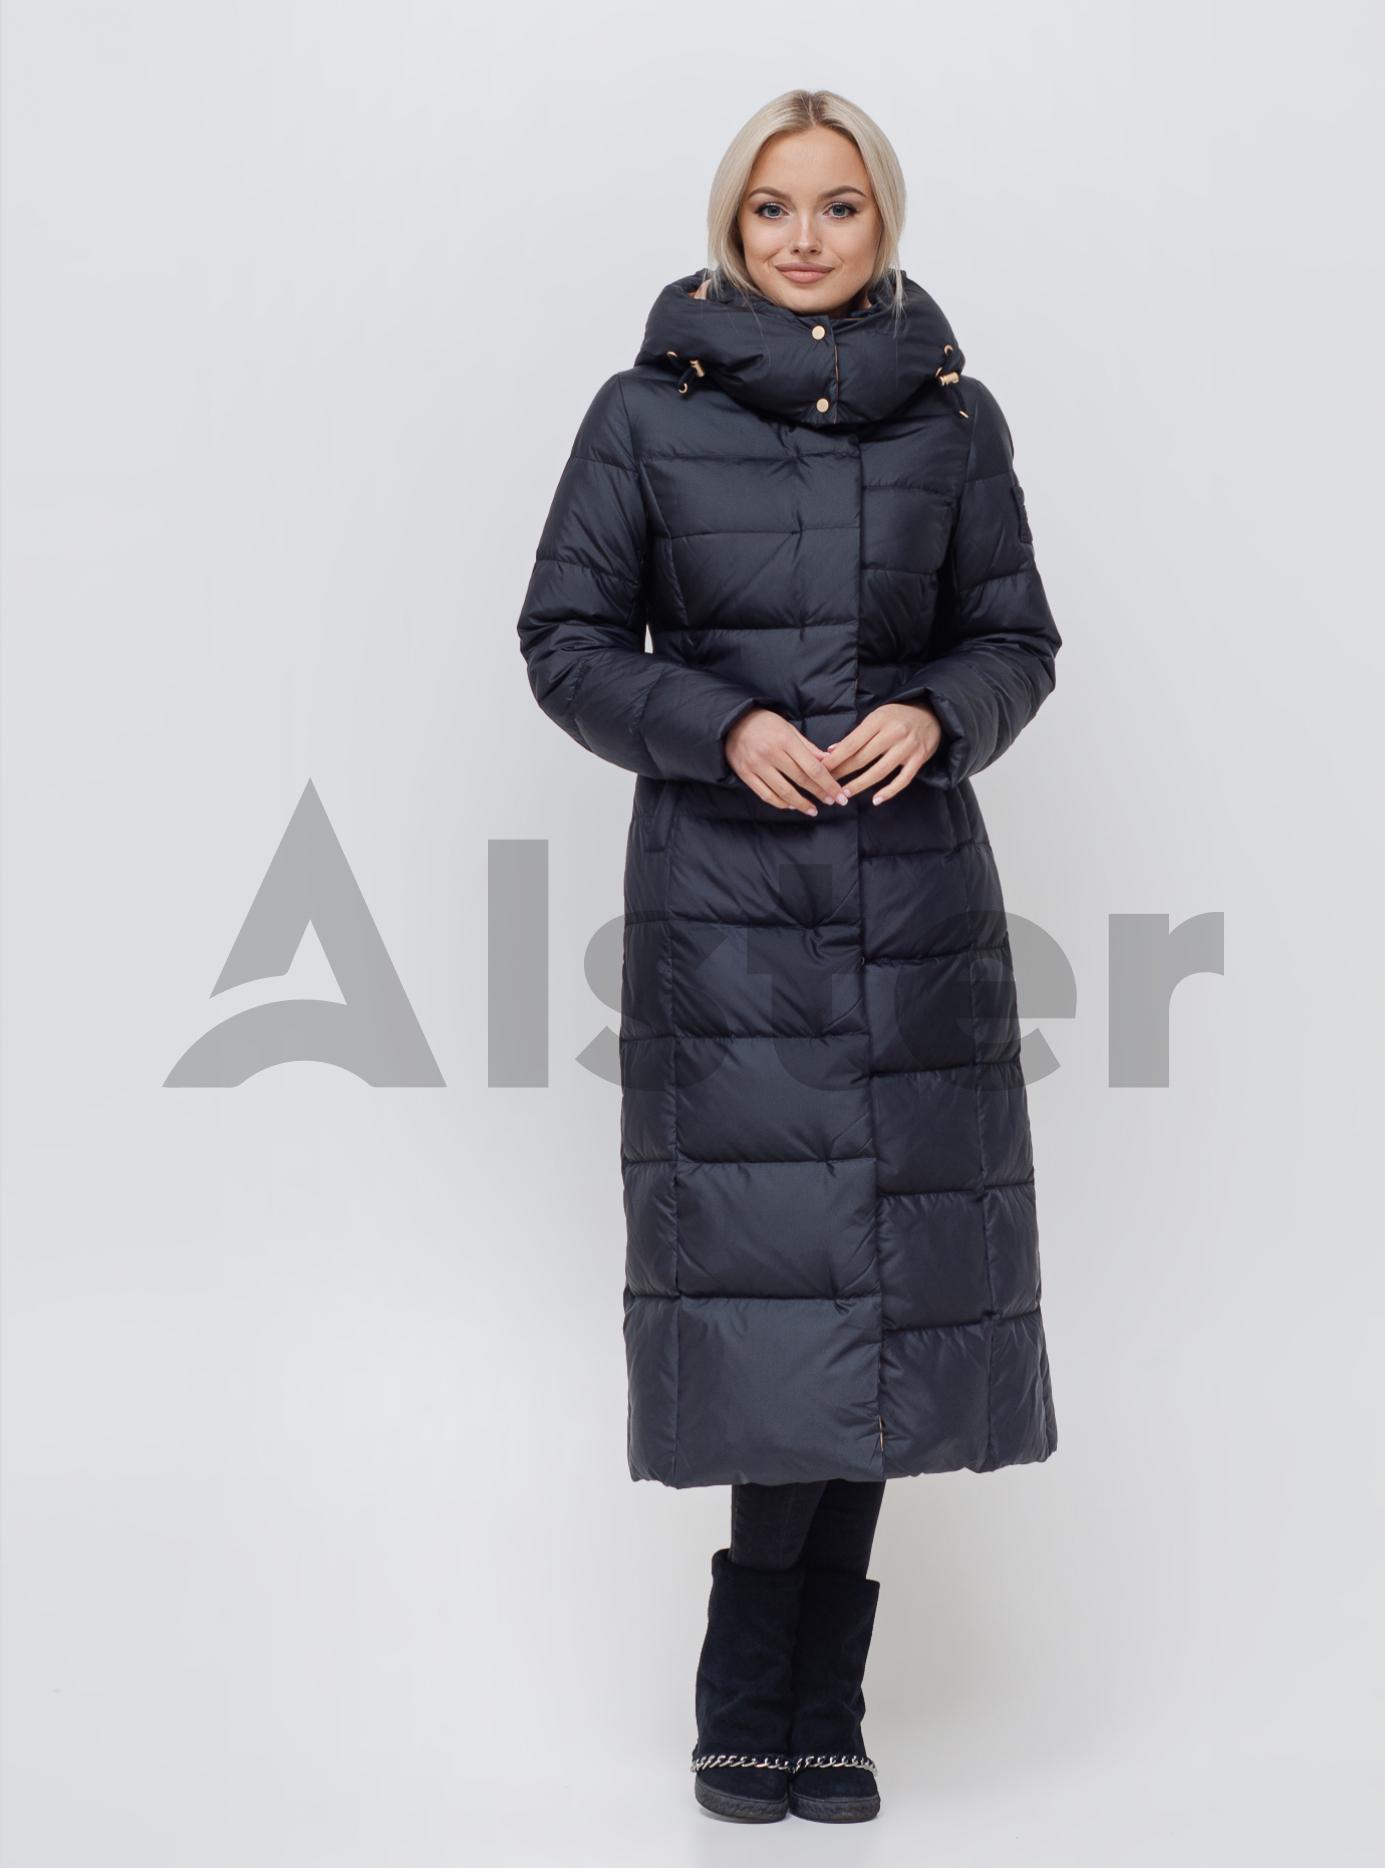 Пуховик зимний длинный с поясом Чёрный S (01-N200544): фото - Alster.ua